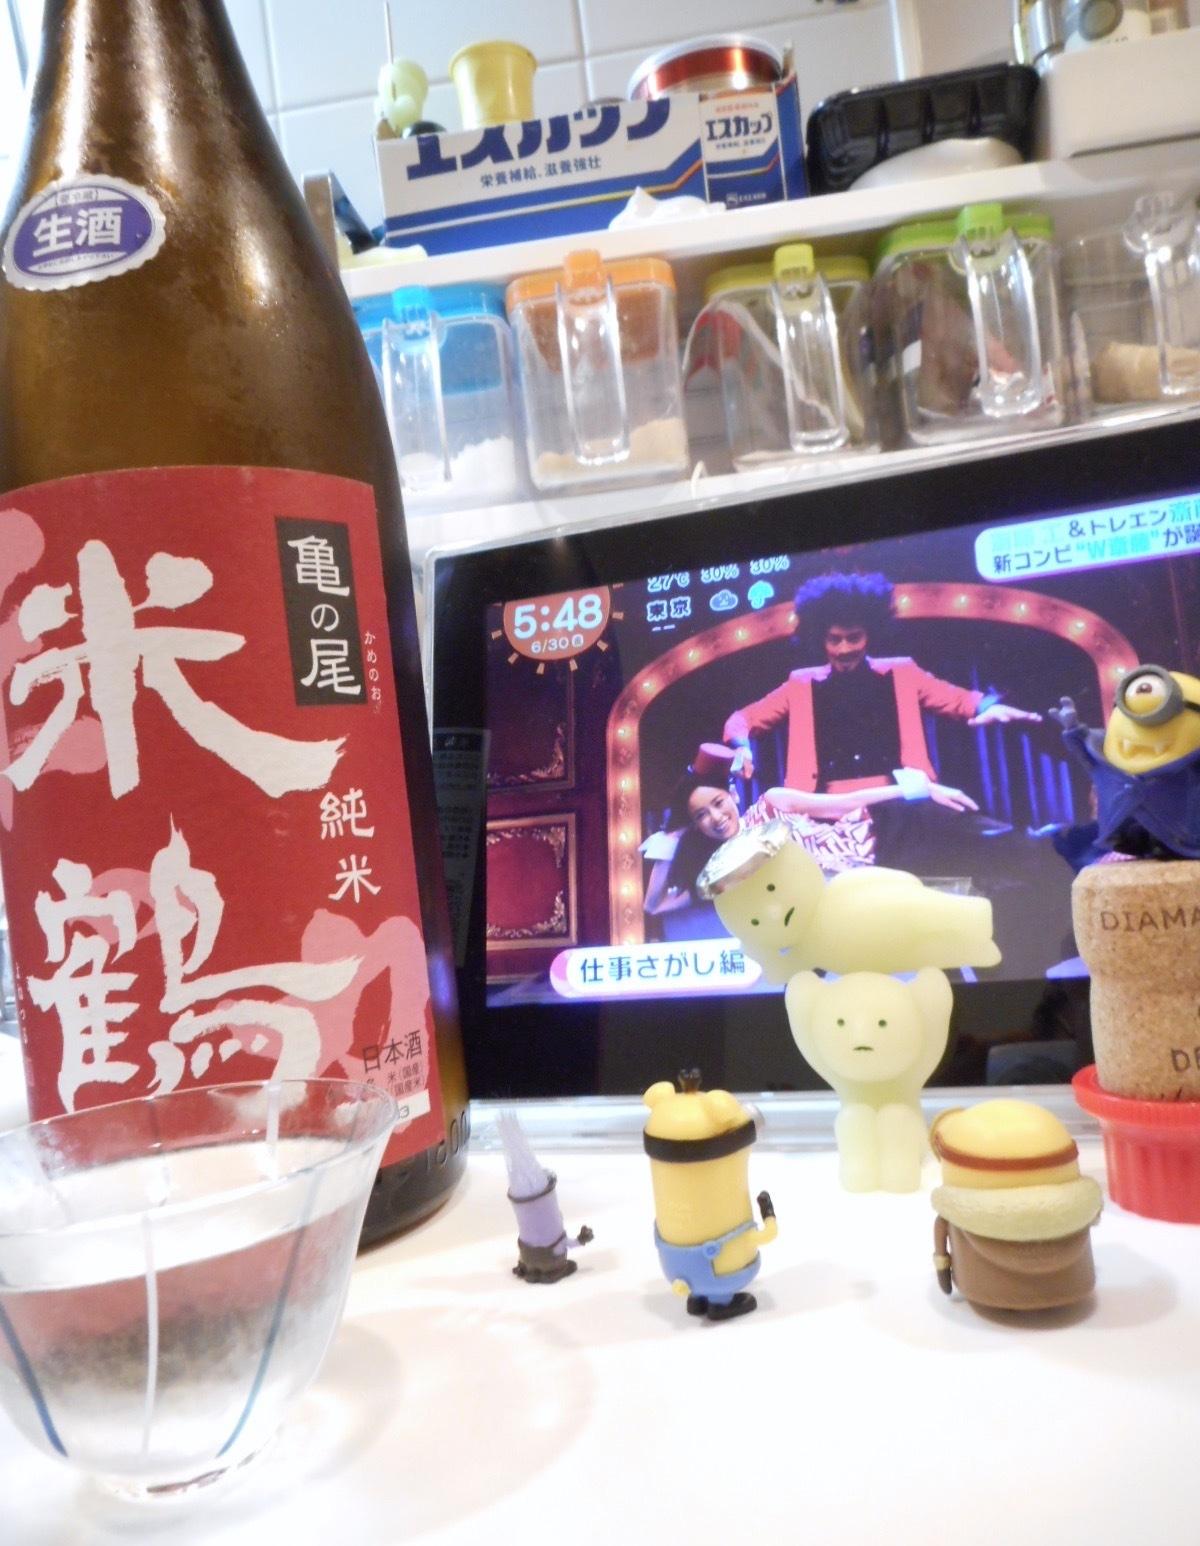 yonetsuru_kamenoo65nama_28by14.jpg